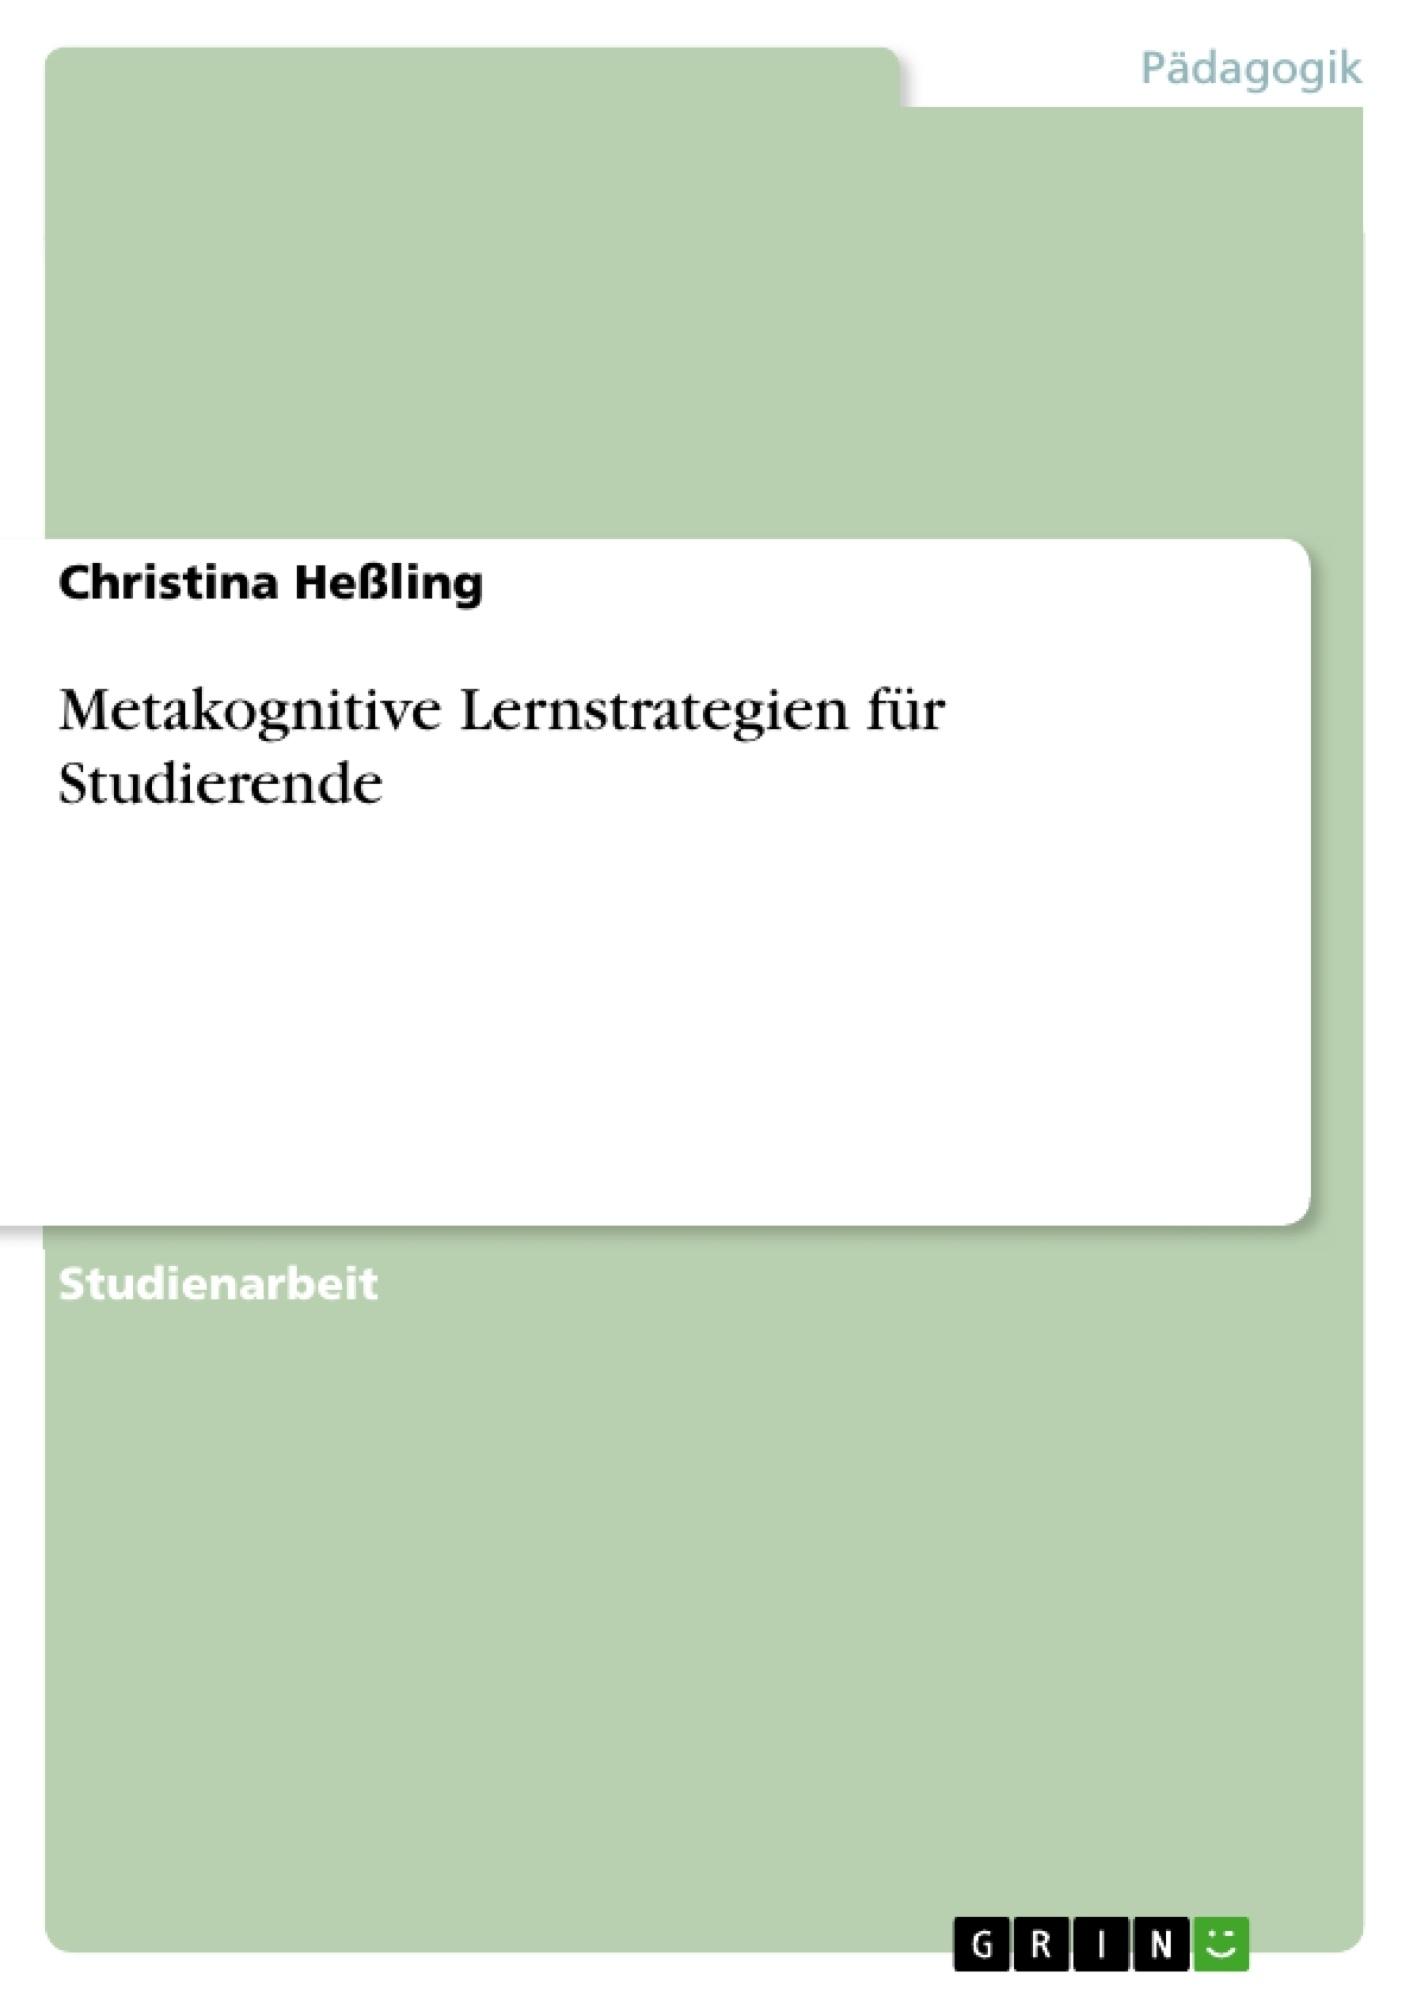 Titel: Metakognitive Lernstrategien für Studierende